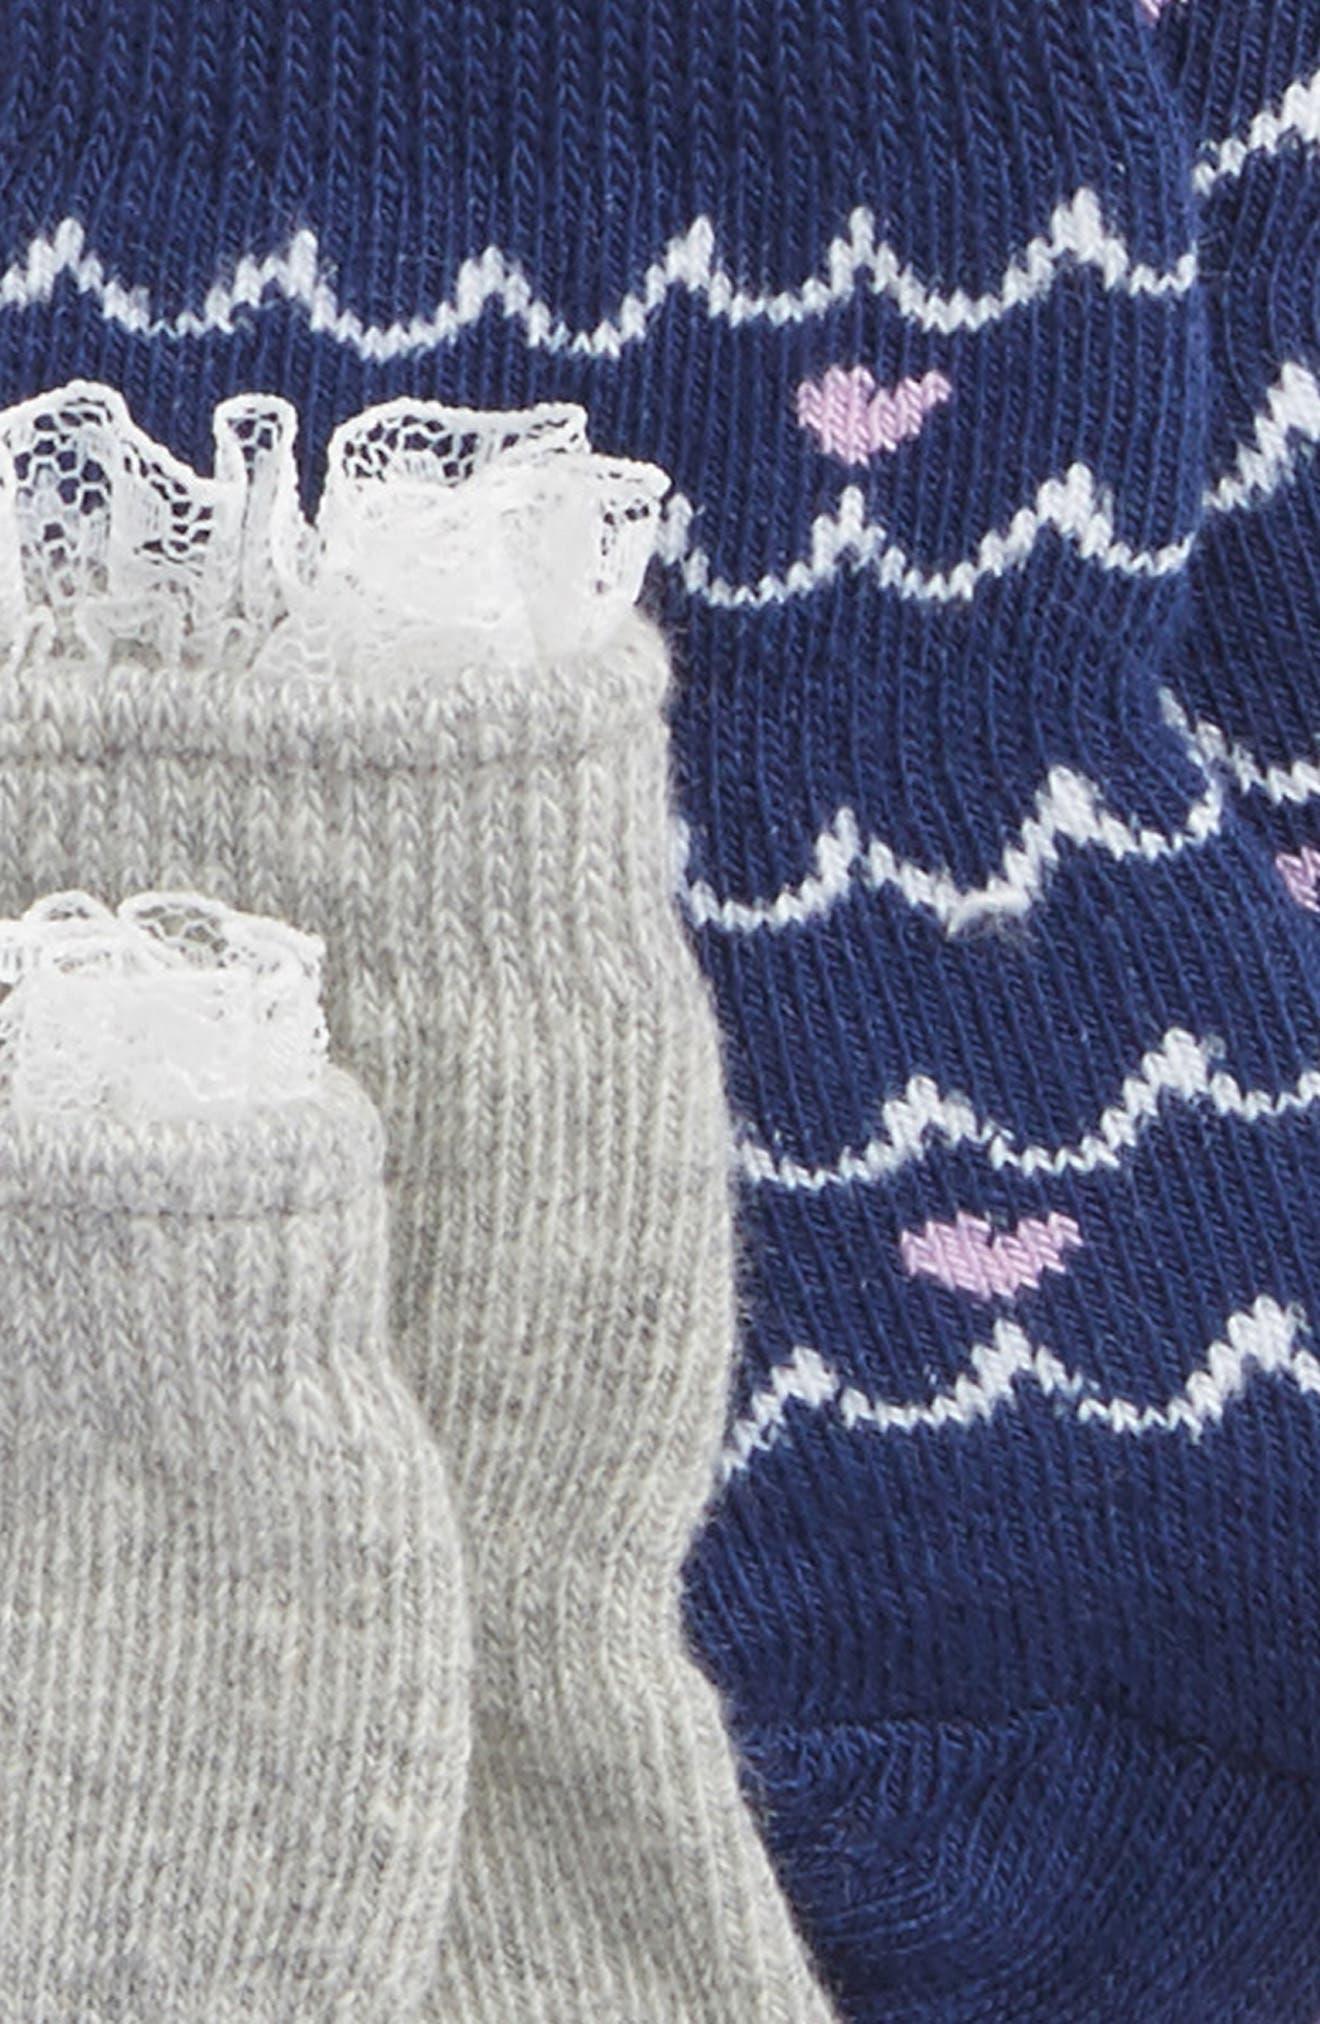 Whales 3-Pack Socks,                             Alternate thumbnail 2, color,                             Navy/ White/ Grey